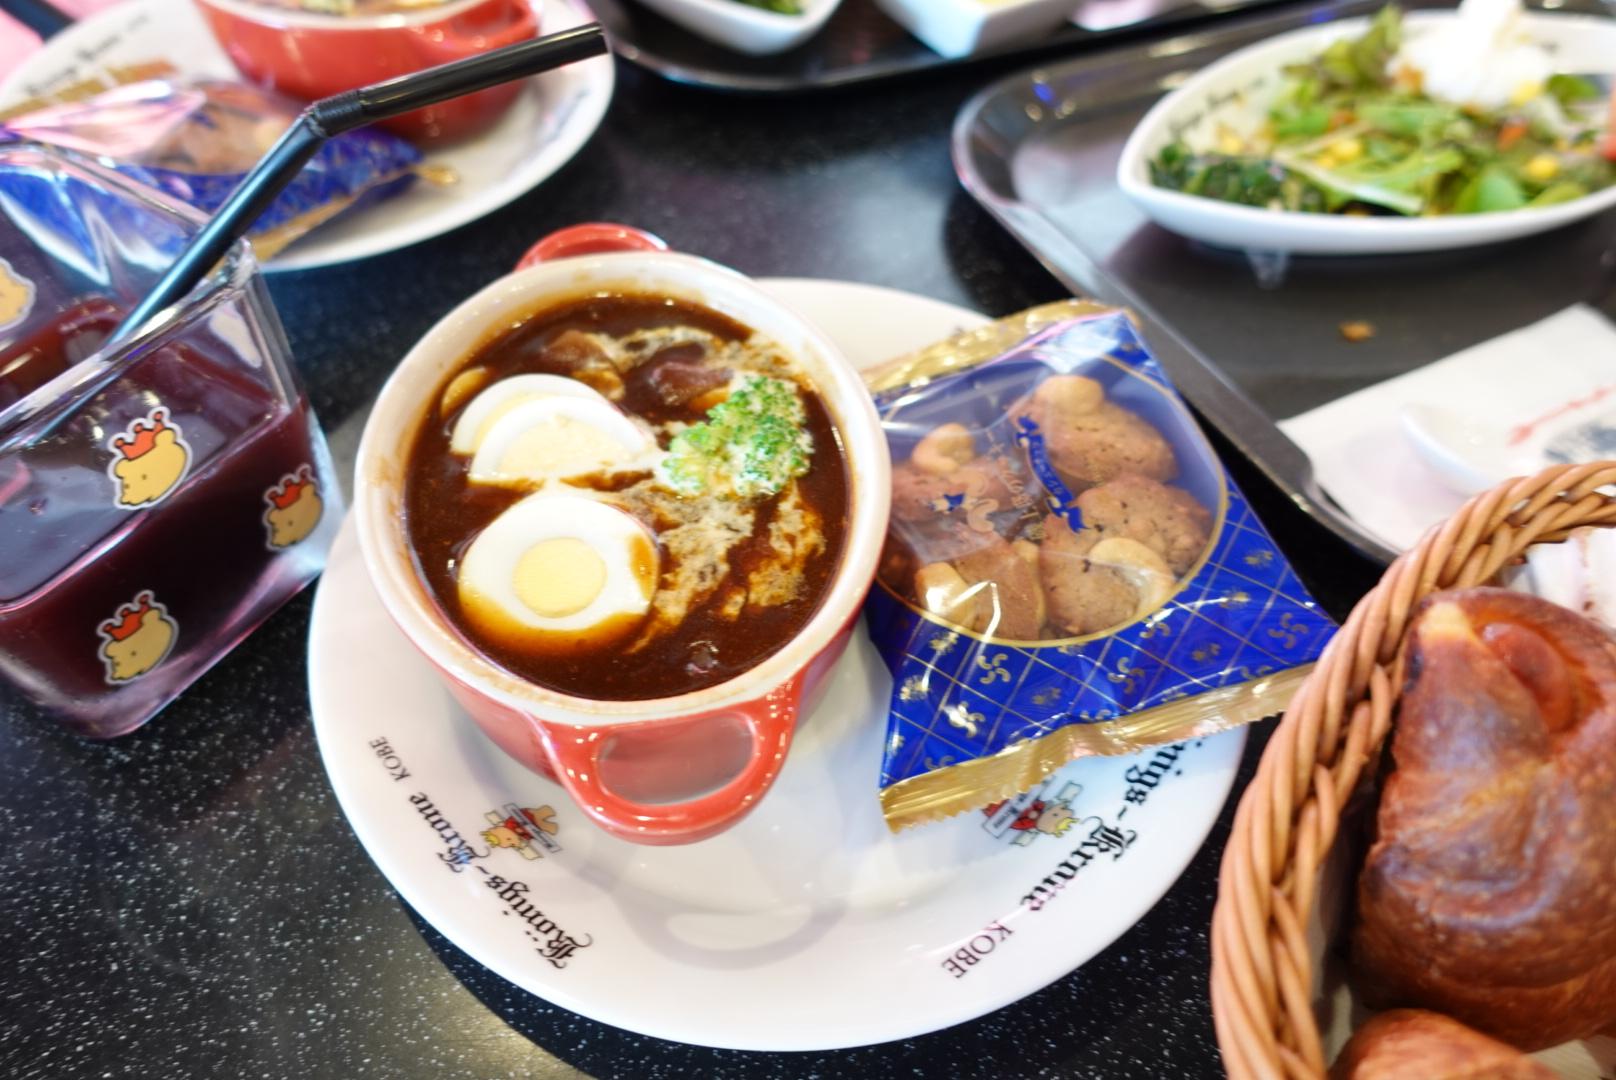 【神戸】ケーニヒスクローネのホテルでランチ!!パン食べ放題・ドリンク飲み放題でお得だった『くまポチ邸』_2